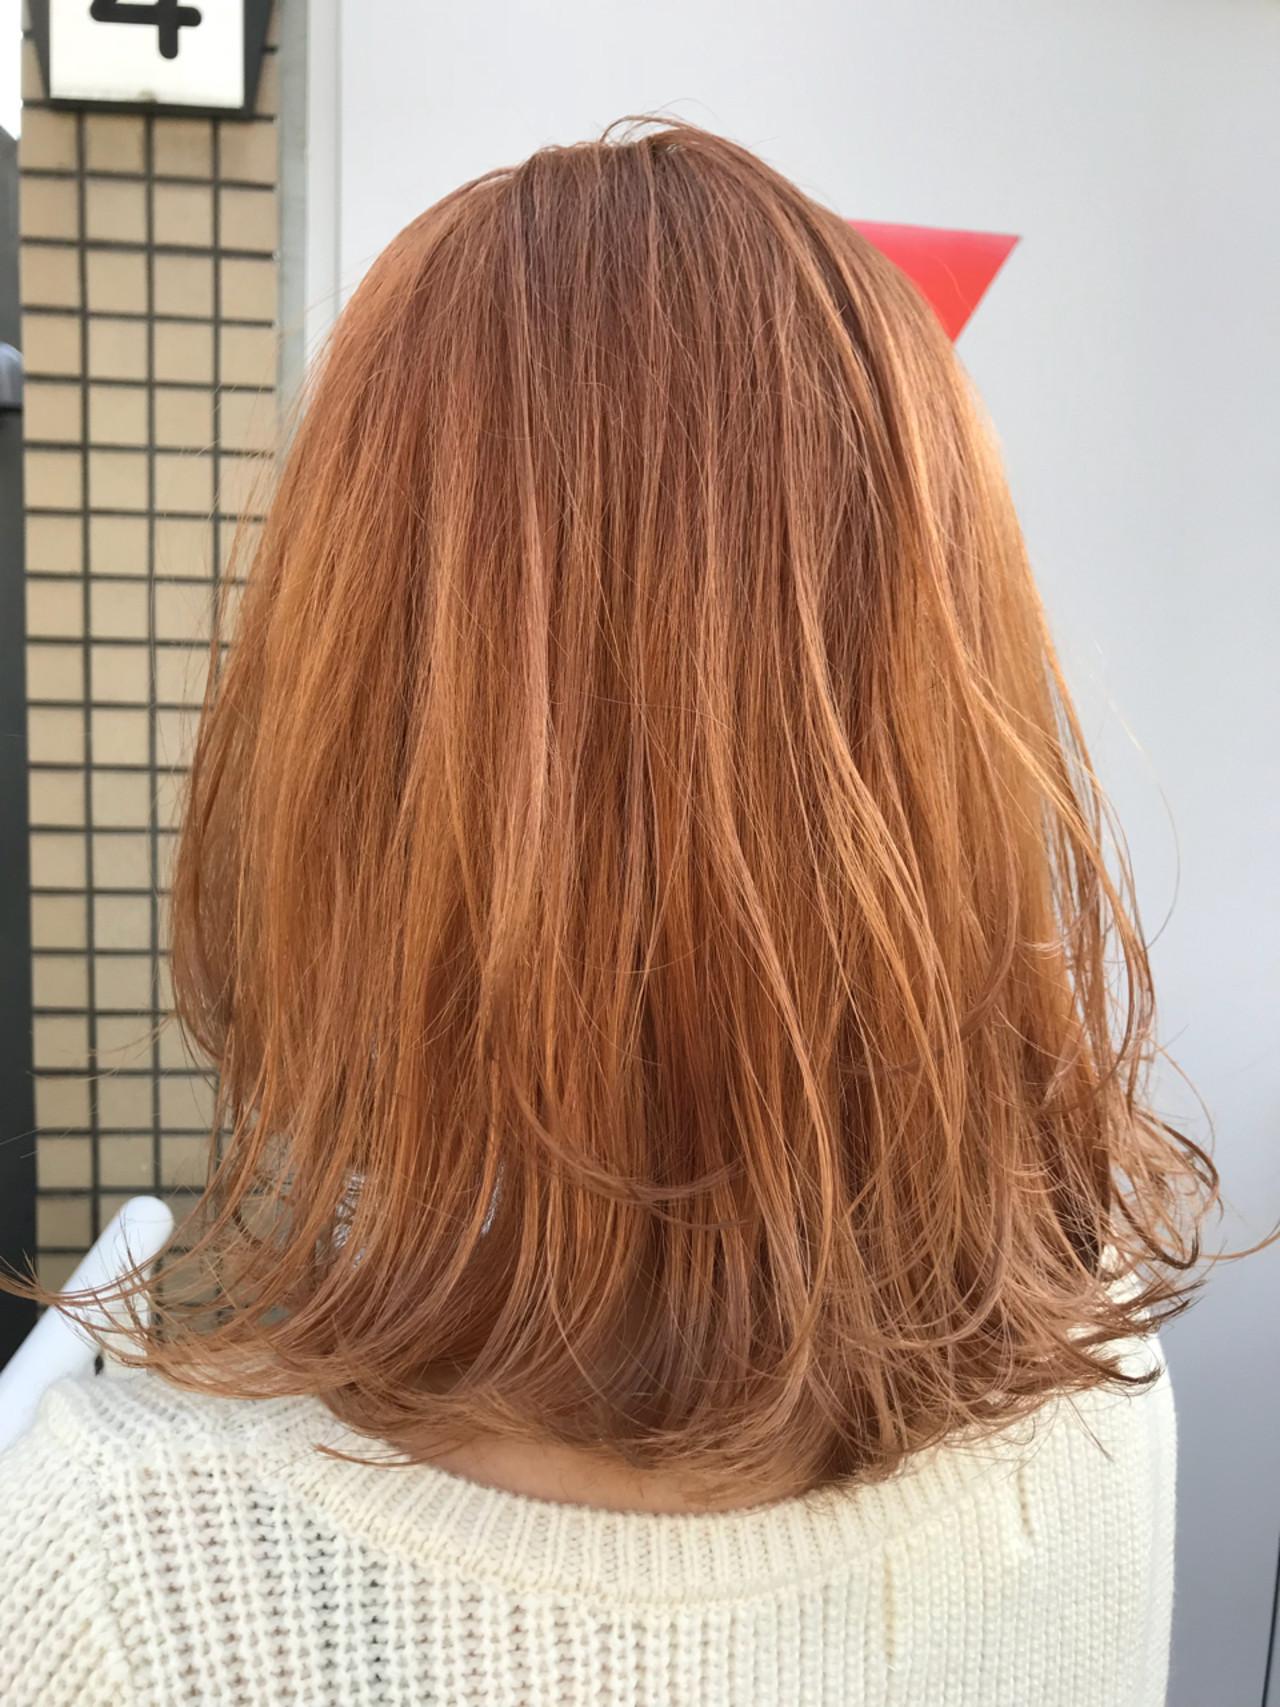 ワンカール カッパー レイヤーカット オレンジ ヘアスタイルや髪型の写真・画像